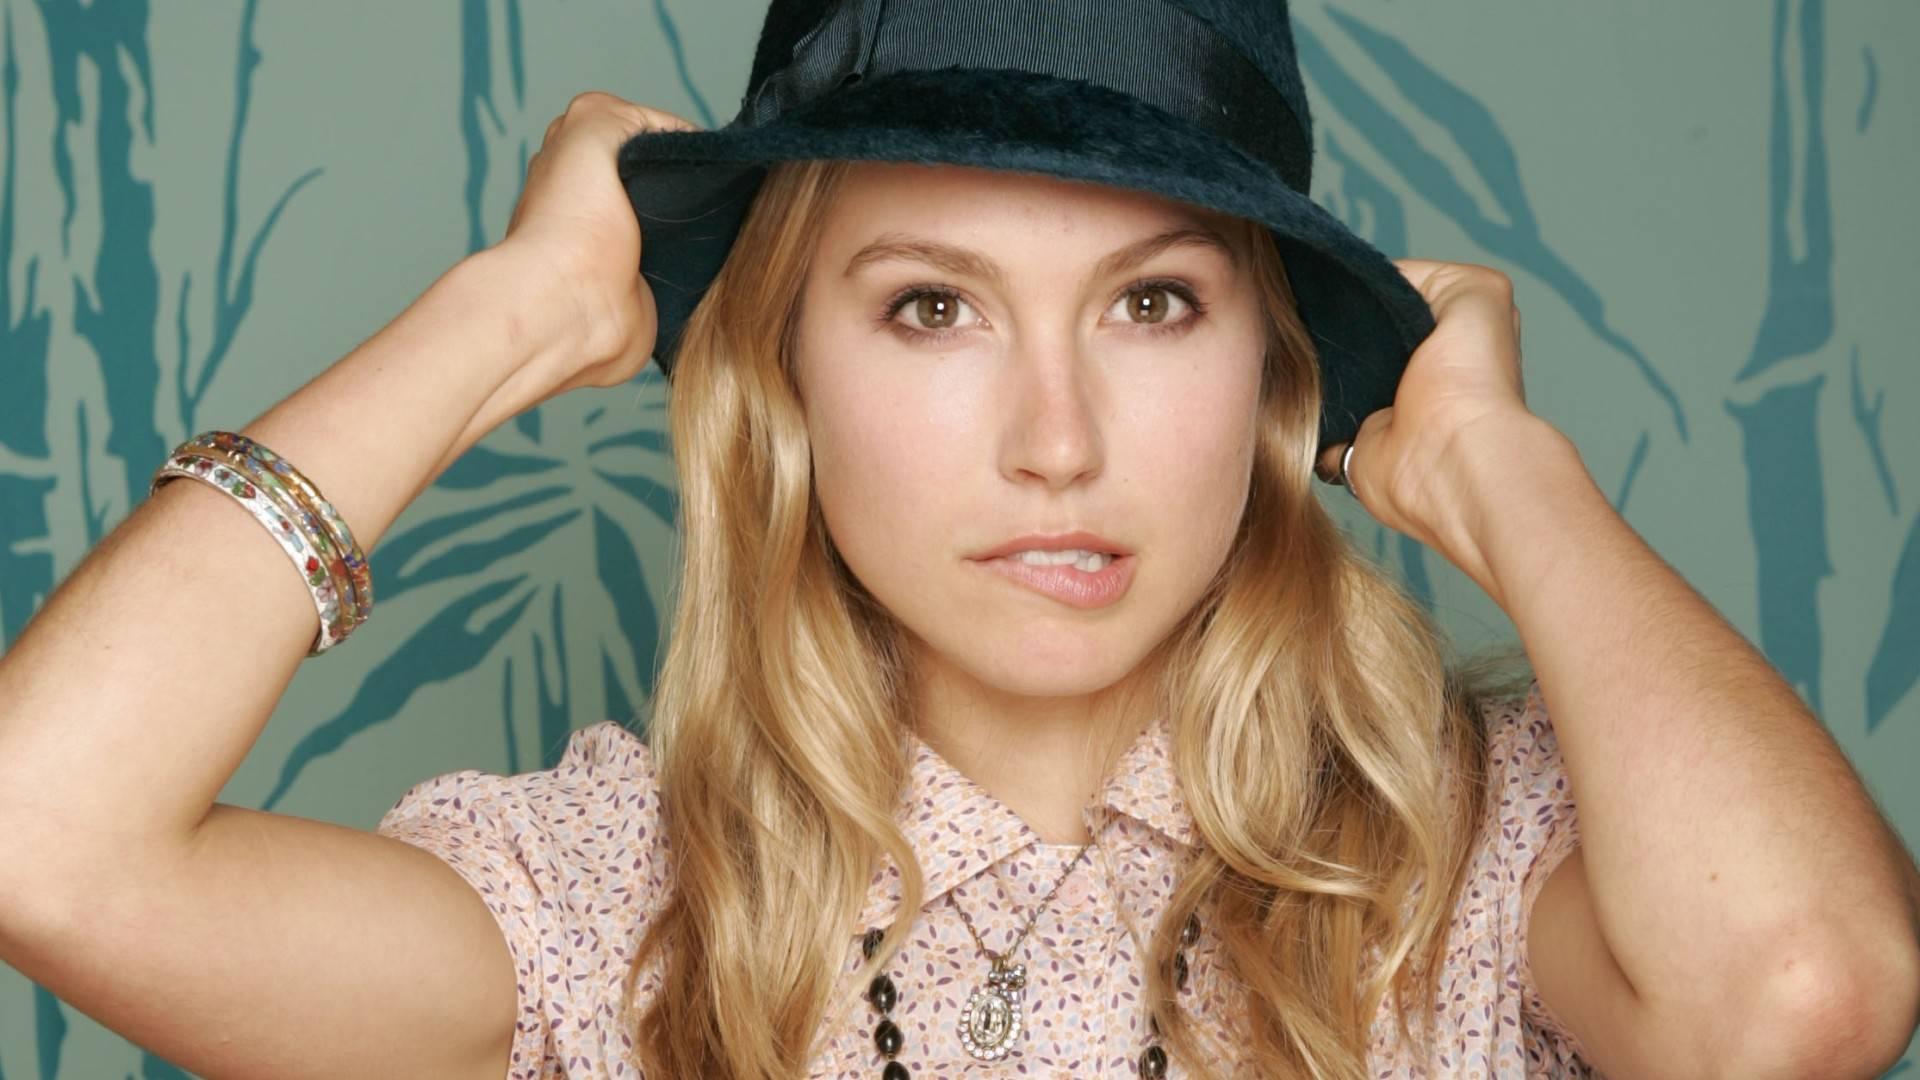 sarah carter hat wallpaper 54967